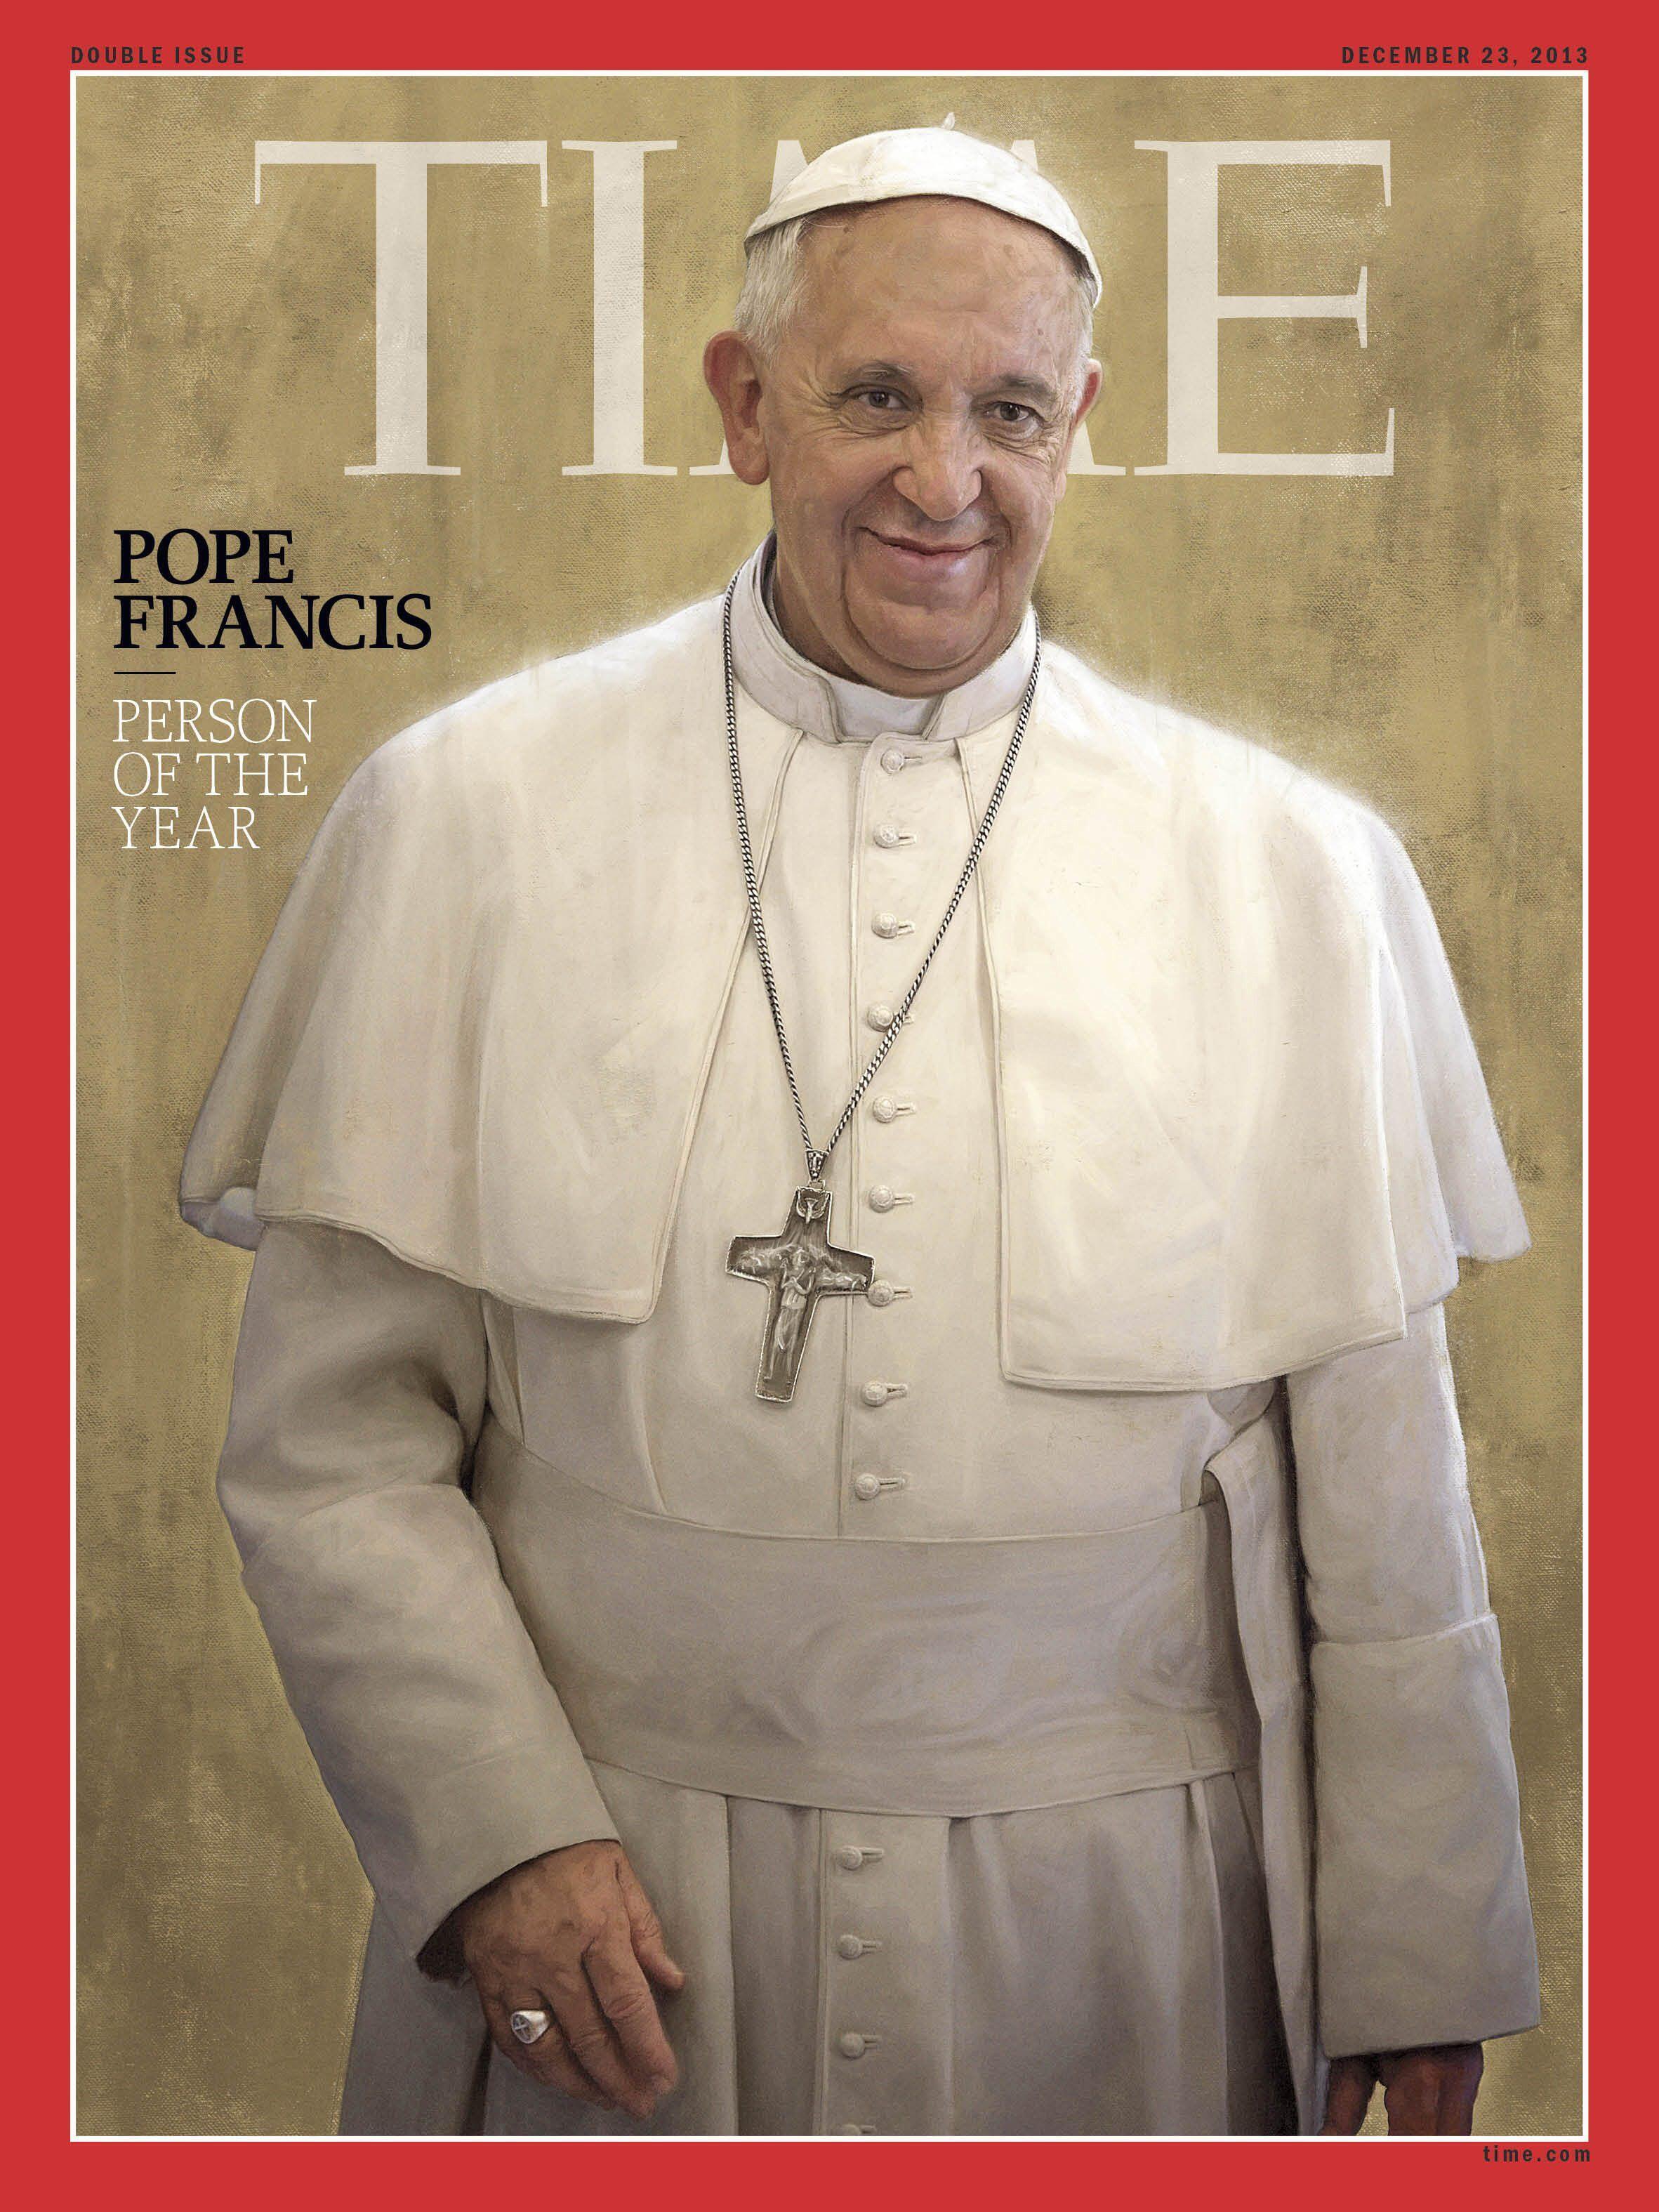 """Đức Giáo hoàng Phanxicô, """"Nhân vật của năm 2013"""" trên trang bìa tạp chí Time ngày 11/12/2013."""